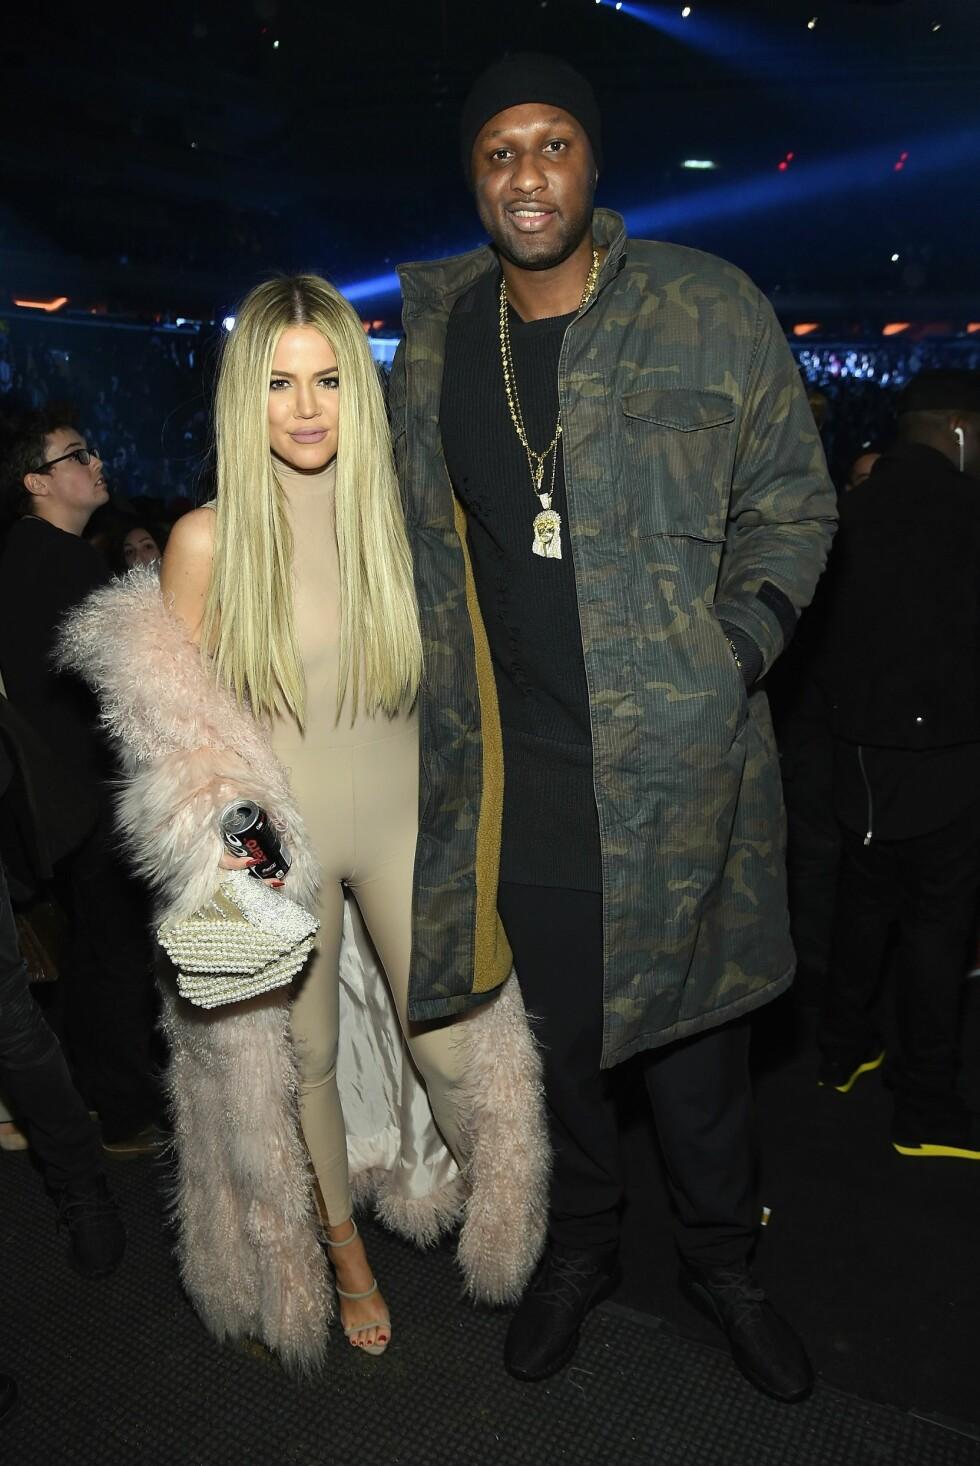 Khloé og Lamar Odom var gift i fire år, før de skilte seg i 2015.